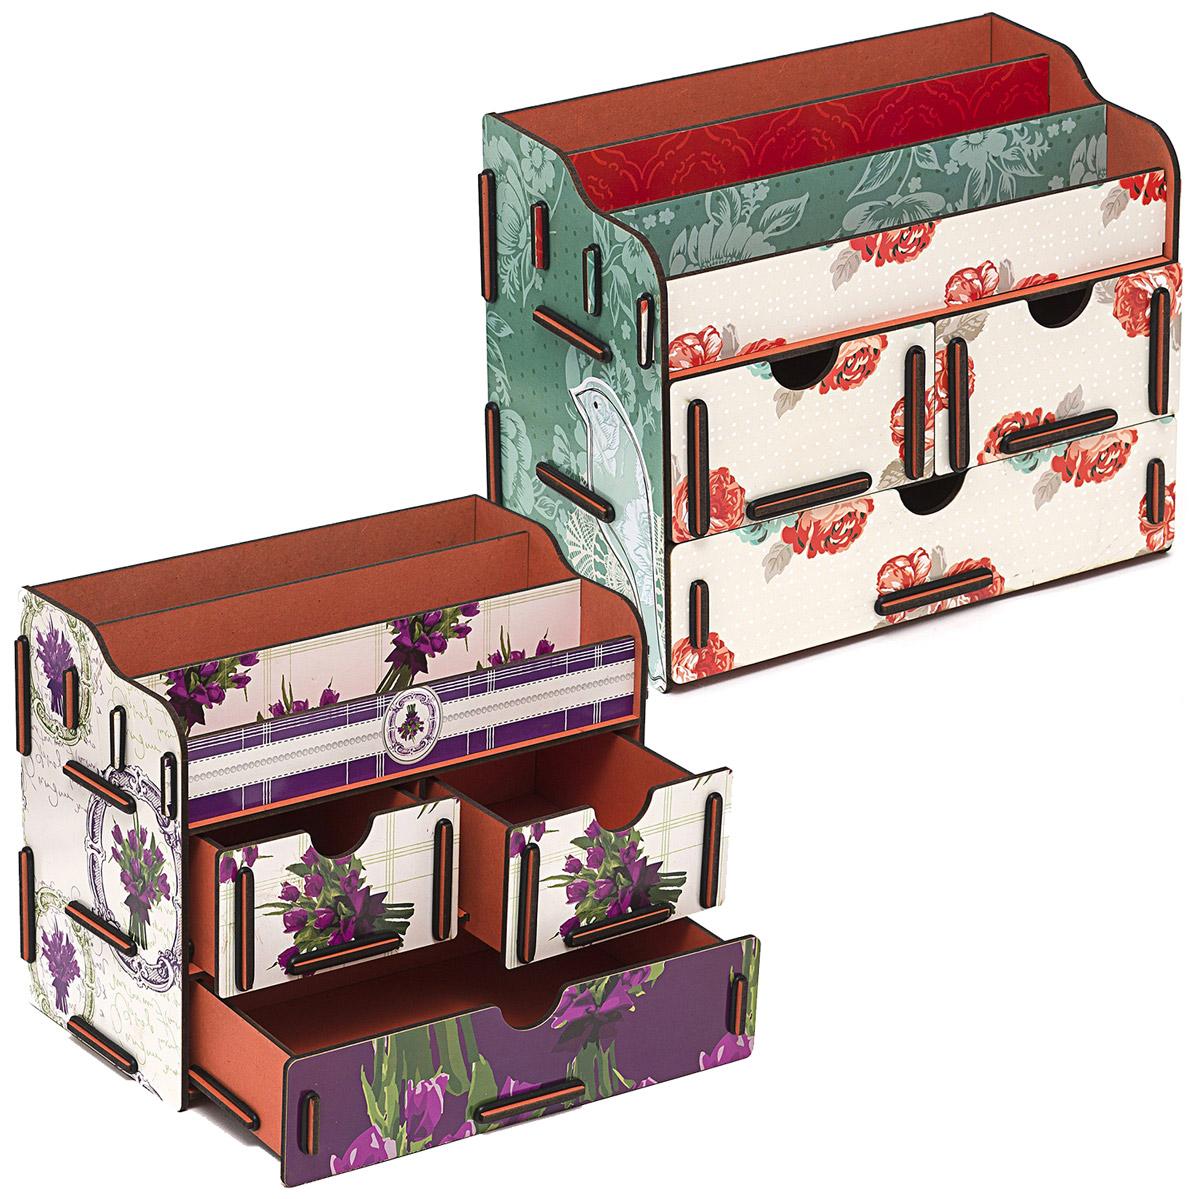 Набор шкатулок Homsu Все оттенки прекрасного, для украшений, 2 шт41619Набор шкатулок Homsu  Все оттенки прекрасного, выполненный из МДФ,состоит из оригинальных сундучков и имеет множество полочек сверху для хранения косметики, парфюмерии и аксессуаров, а также два маленьких ящичка и один большой ящик, которые позволят разместить в них все самое необходимое и сокровенное для каждой женщины. Шкатулочки можно поставить на стол, они станут отличным дополнением интерьера.